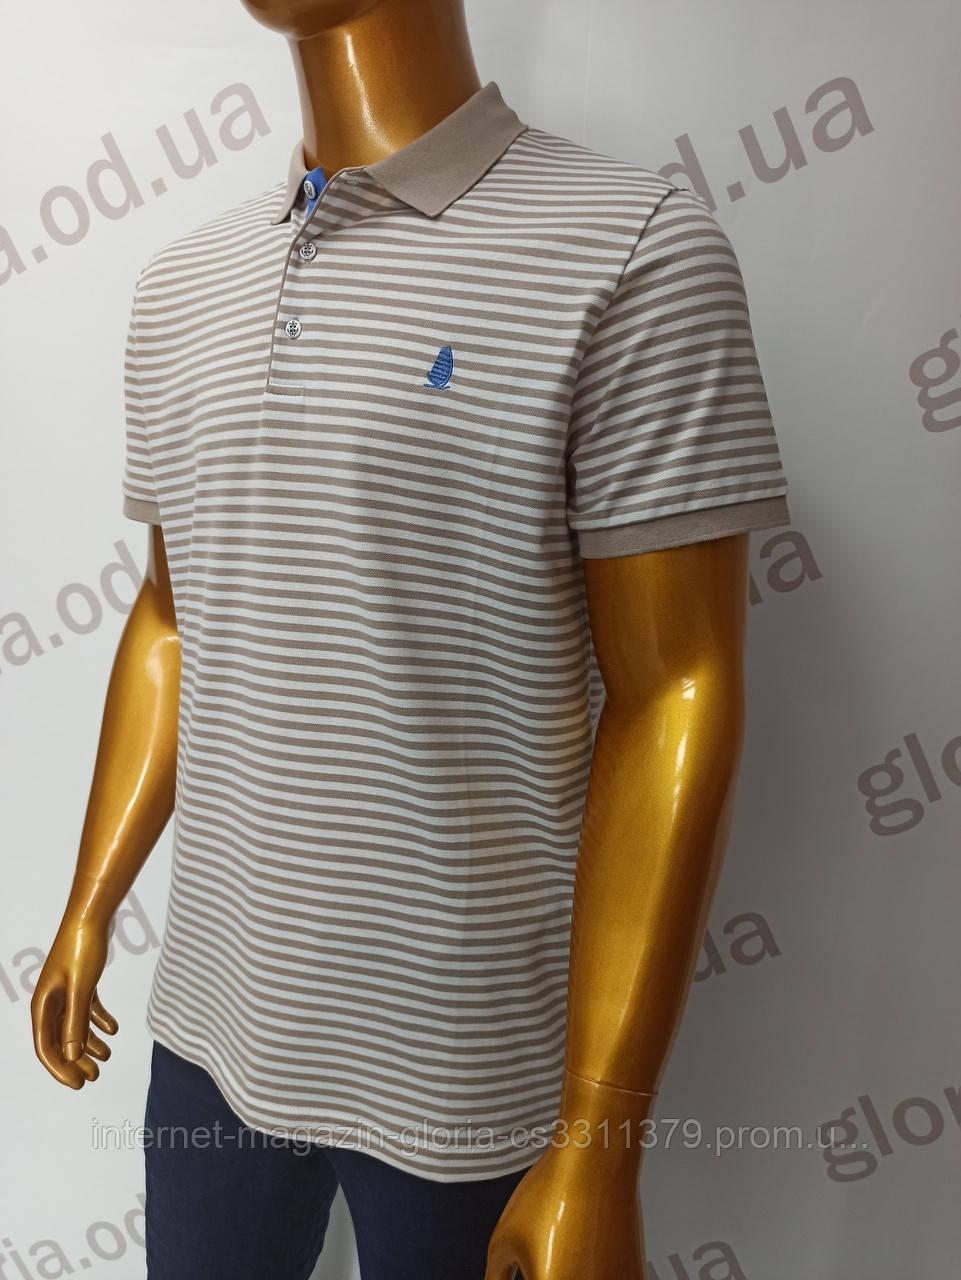 Мужская футболка поло Tony Montana. PSL-1003k (tmp241-8). Размеры: M,L,XL,XXL.